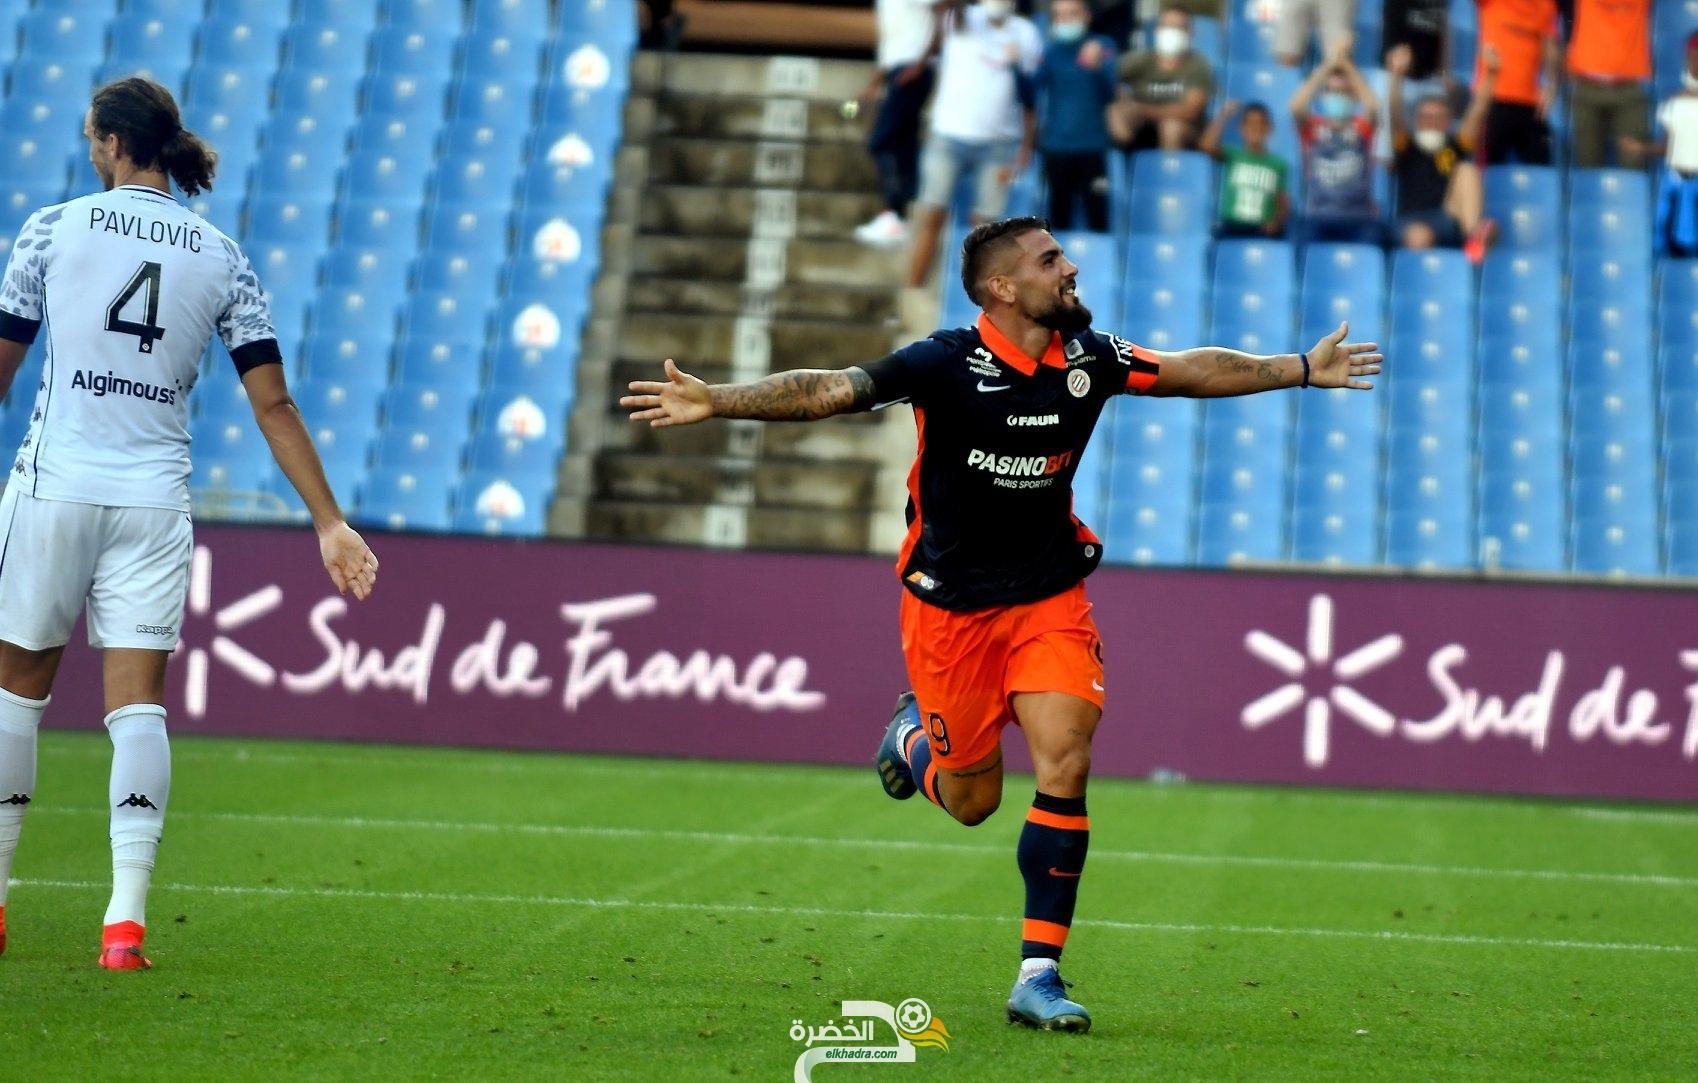 ثنائية ديلور تقود مونبولى للفوز ضد انجي في الدوري الفرنسي 30